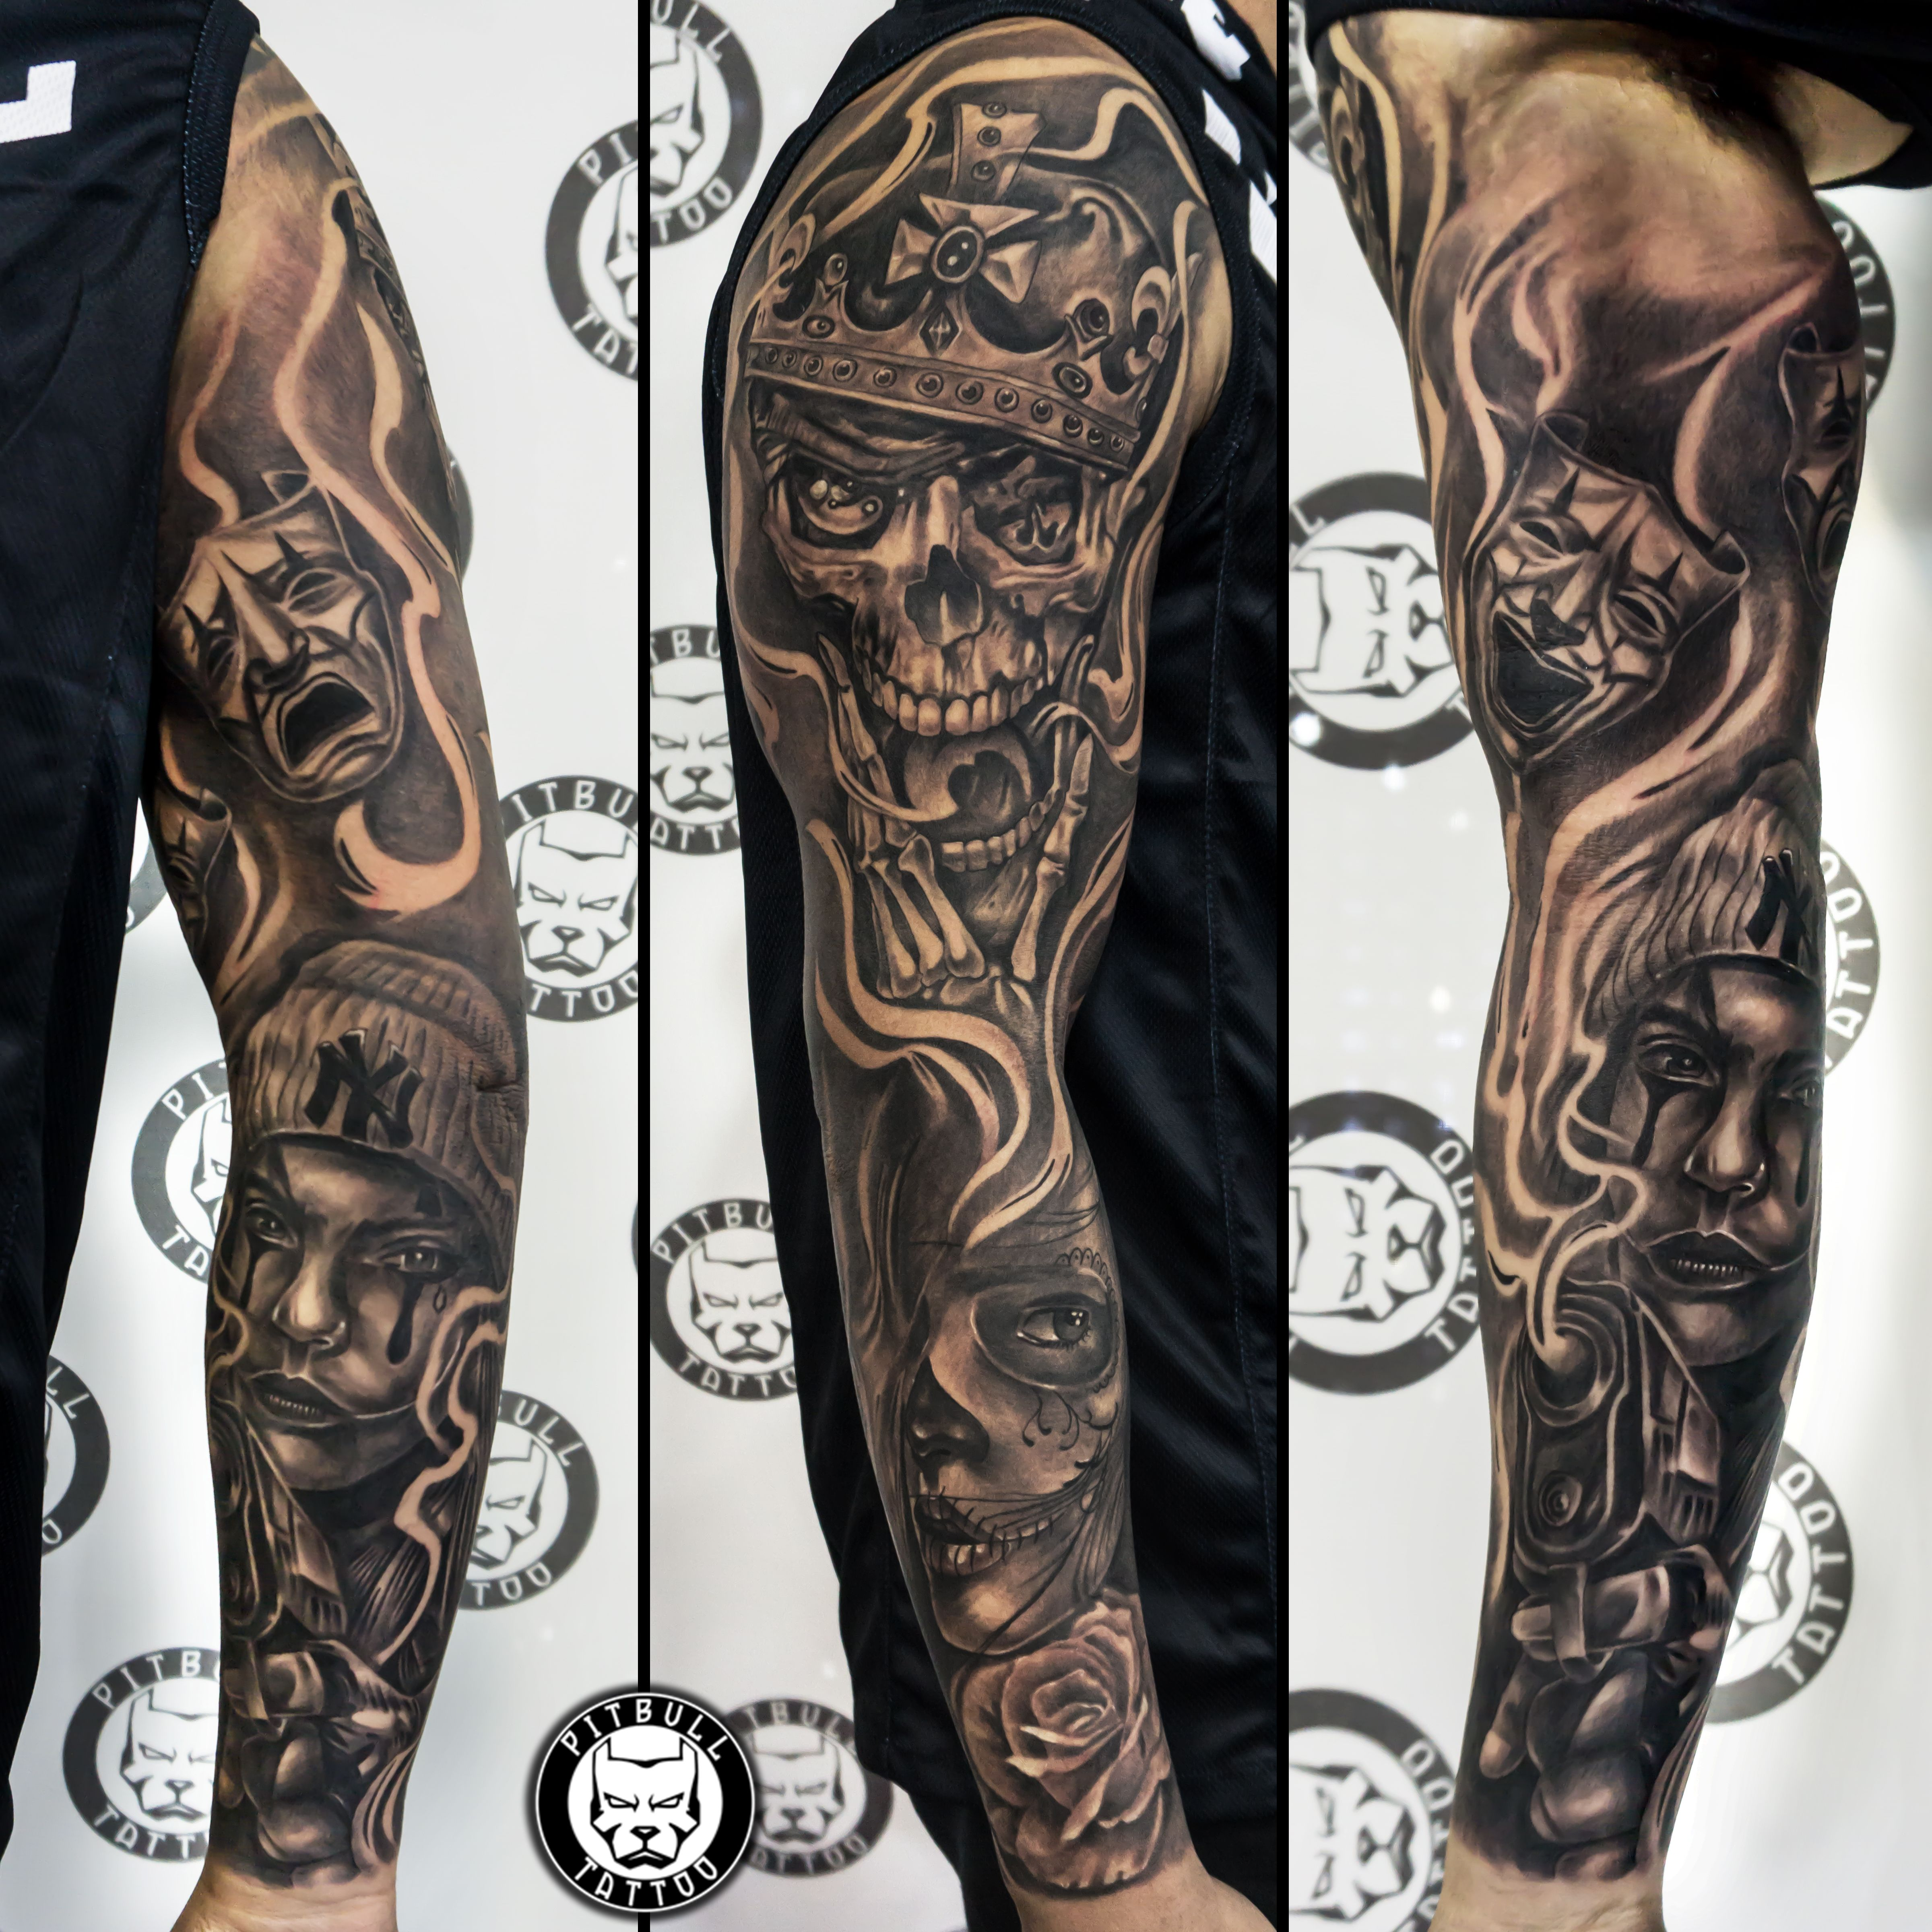 Chicano Full Sleeve Tattoo Arm Sleeve Tattoos Sleeve Tattoos Black And Grey Tattoos